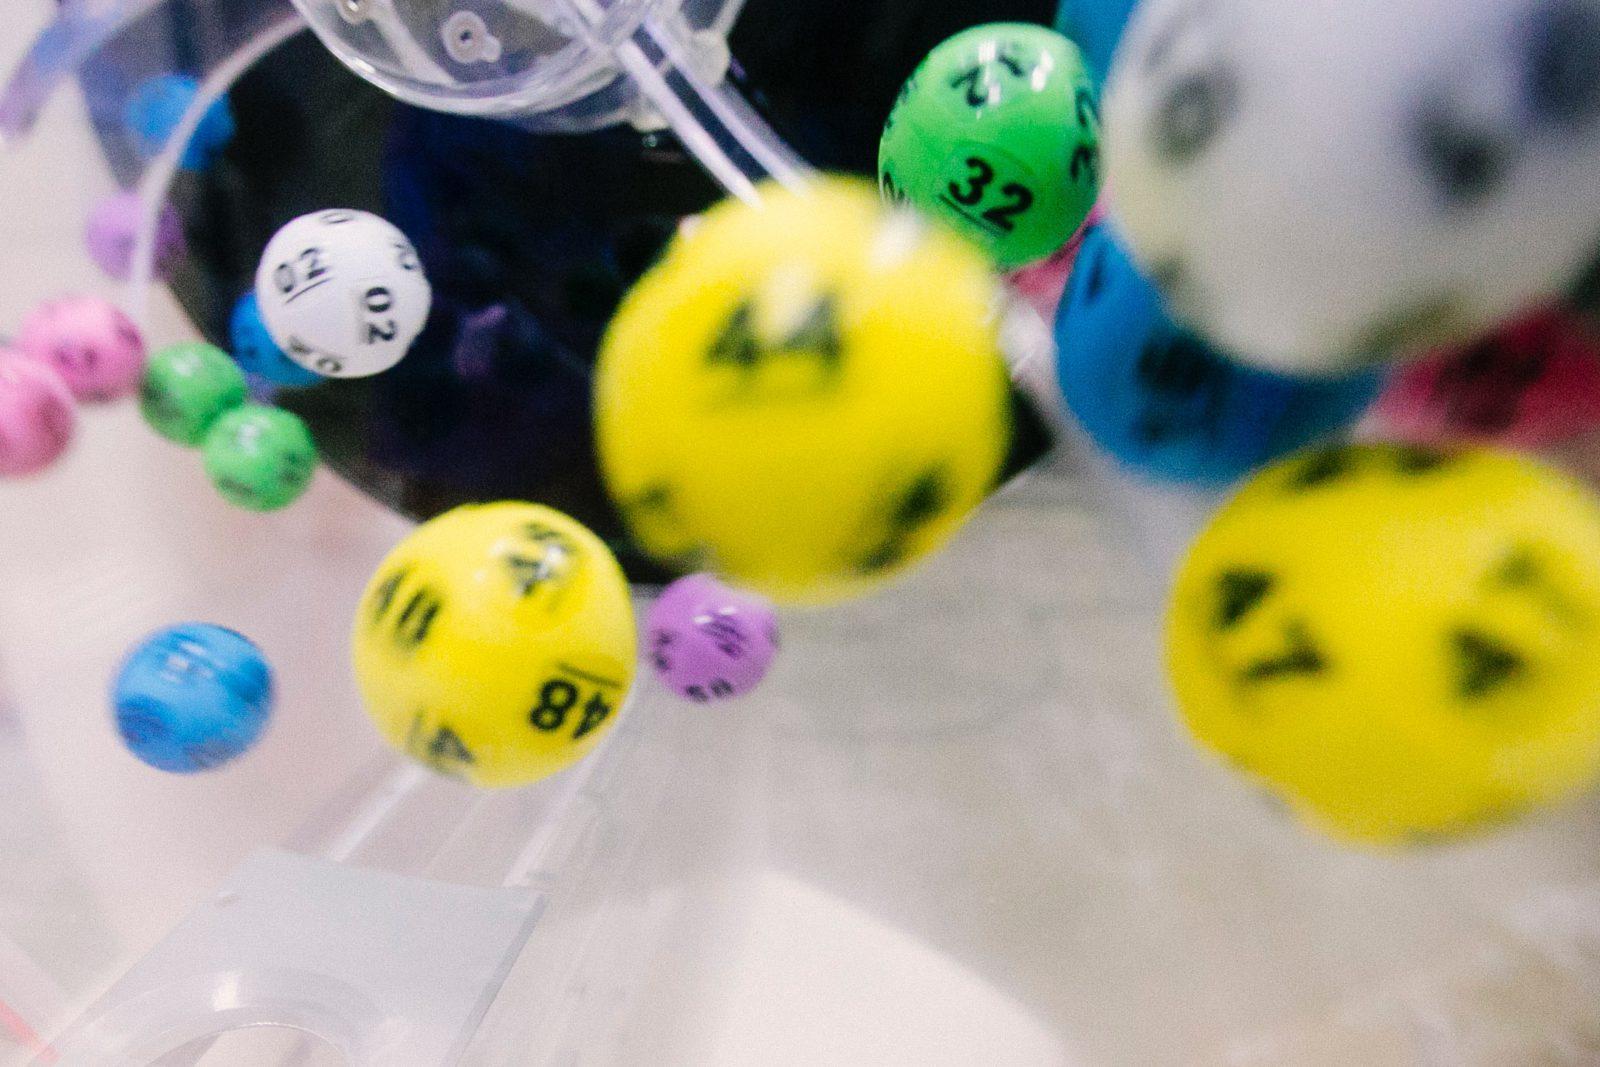 【賓果玩法技巧】賓果有幾種玩法?如何提升賓果的中獎機率